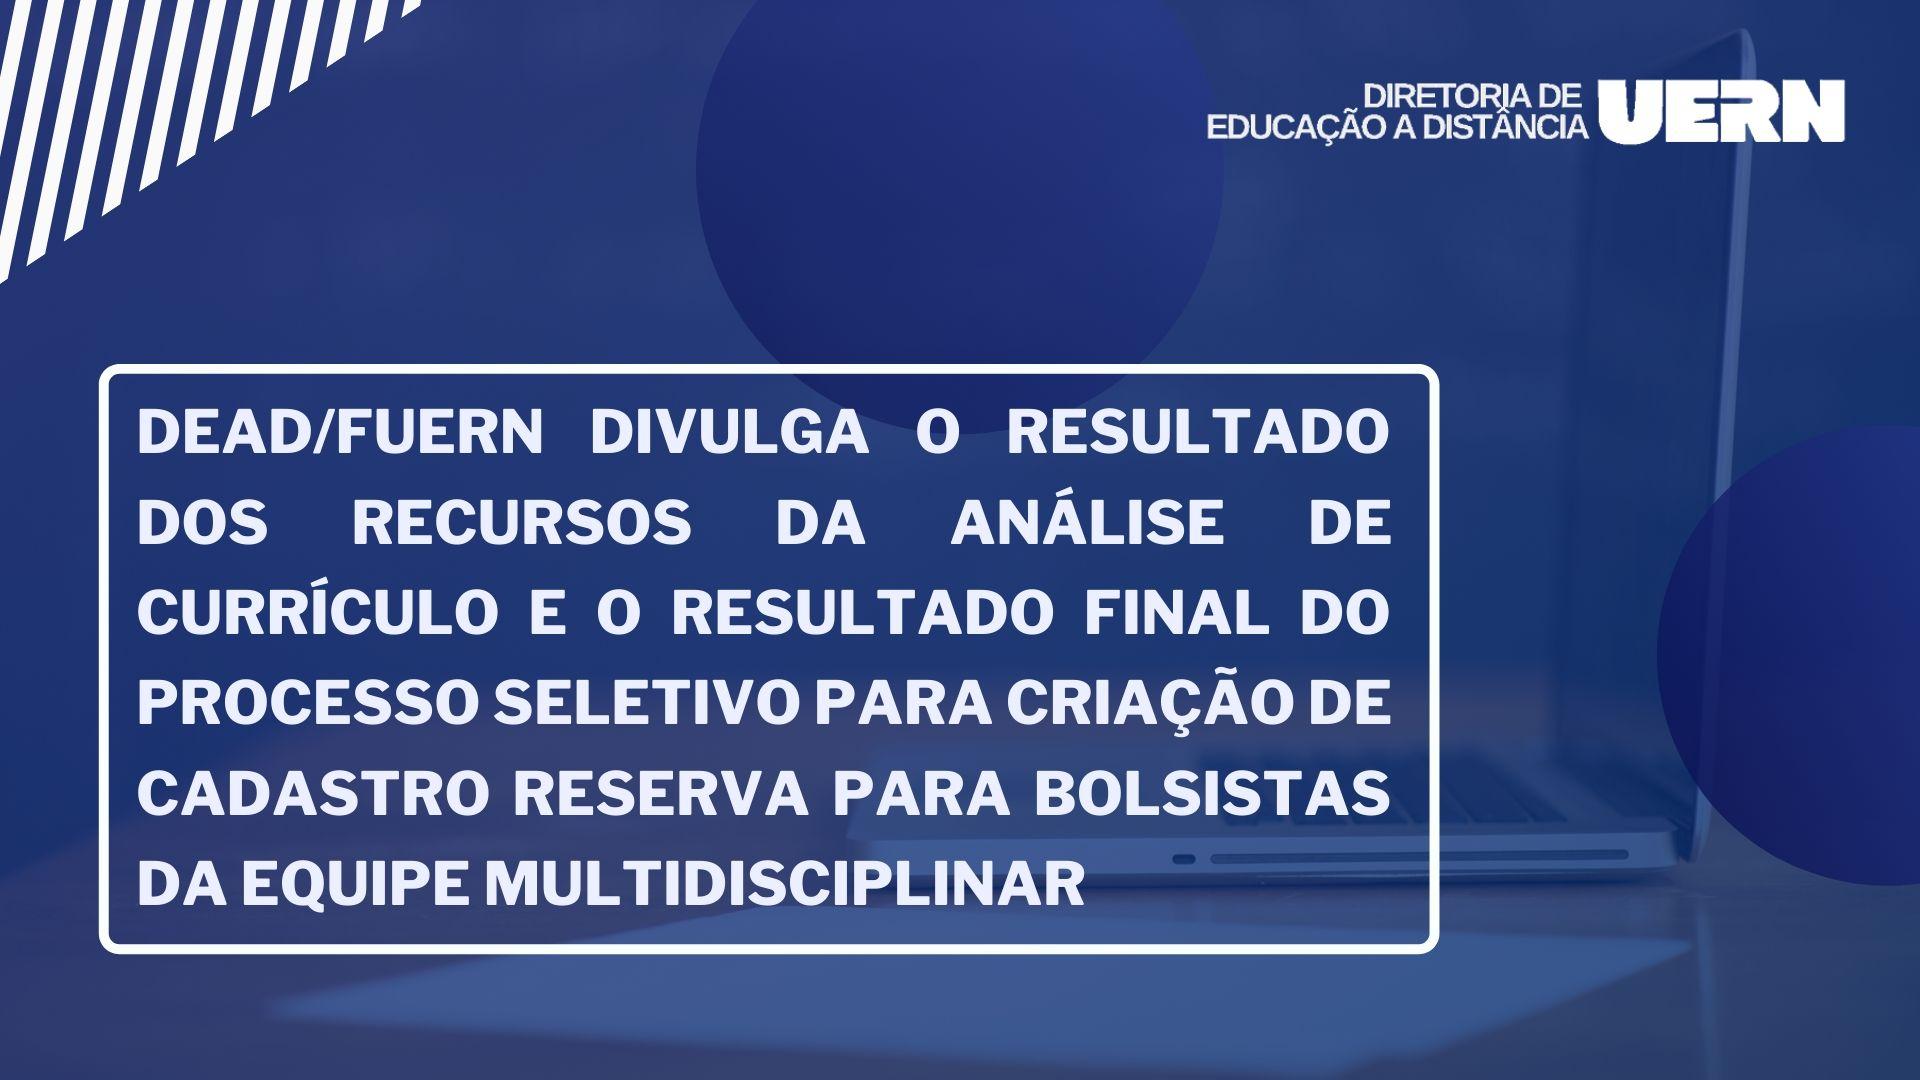 Homologação das inscrições do edital da equipe multidisciplinar (1)